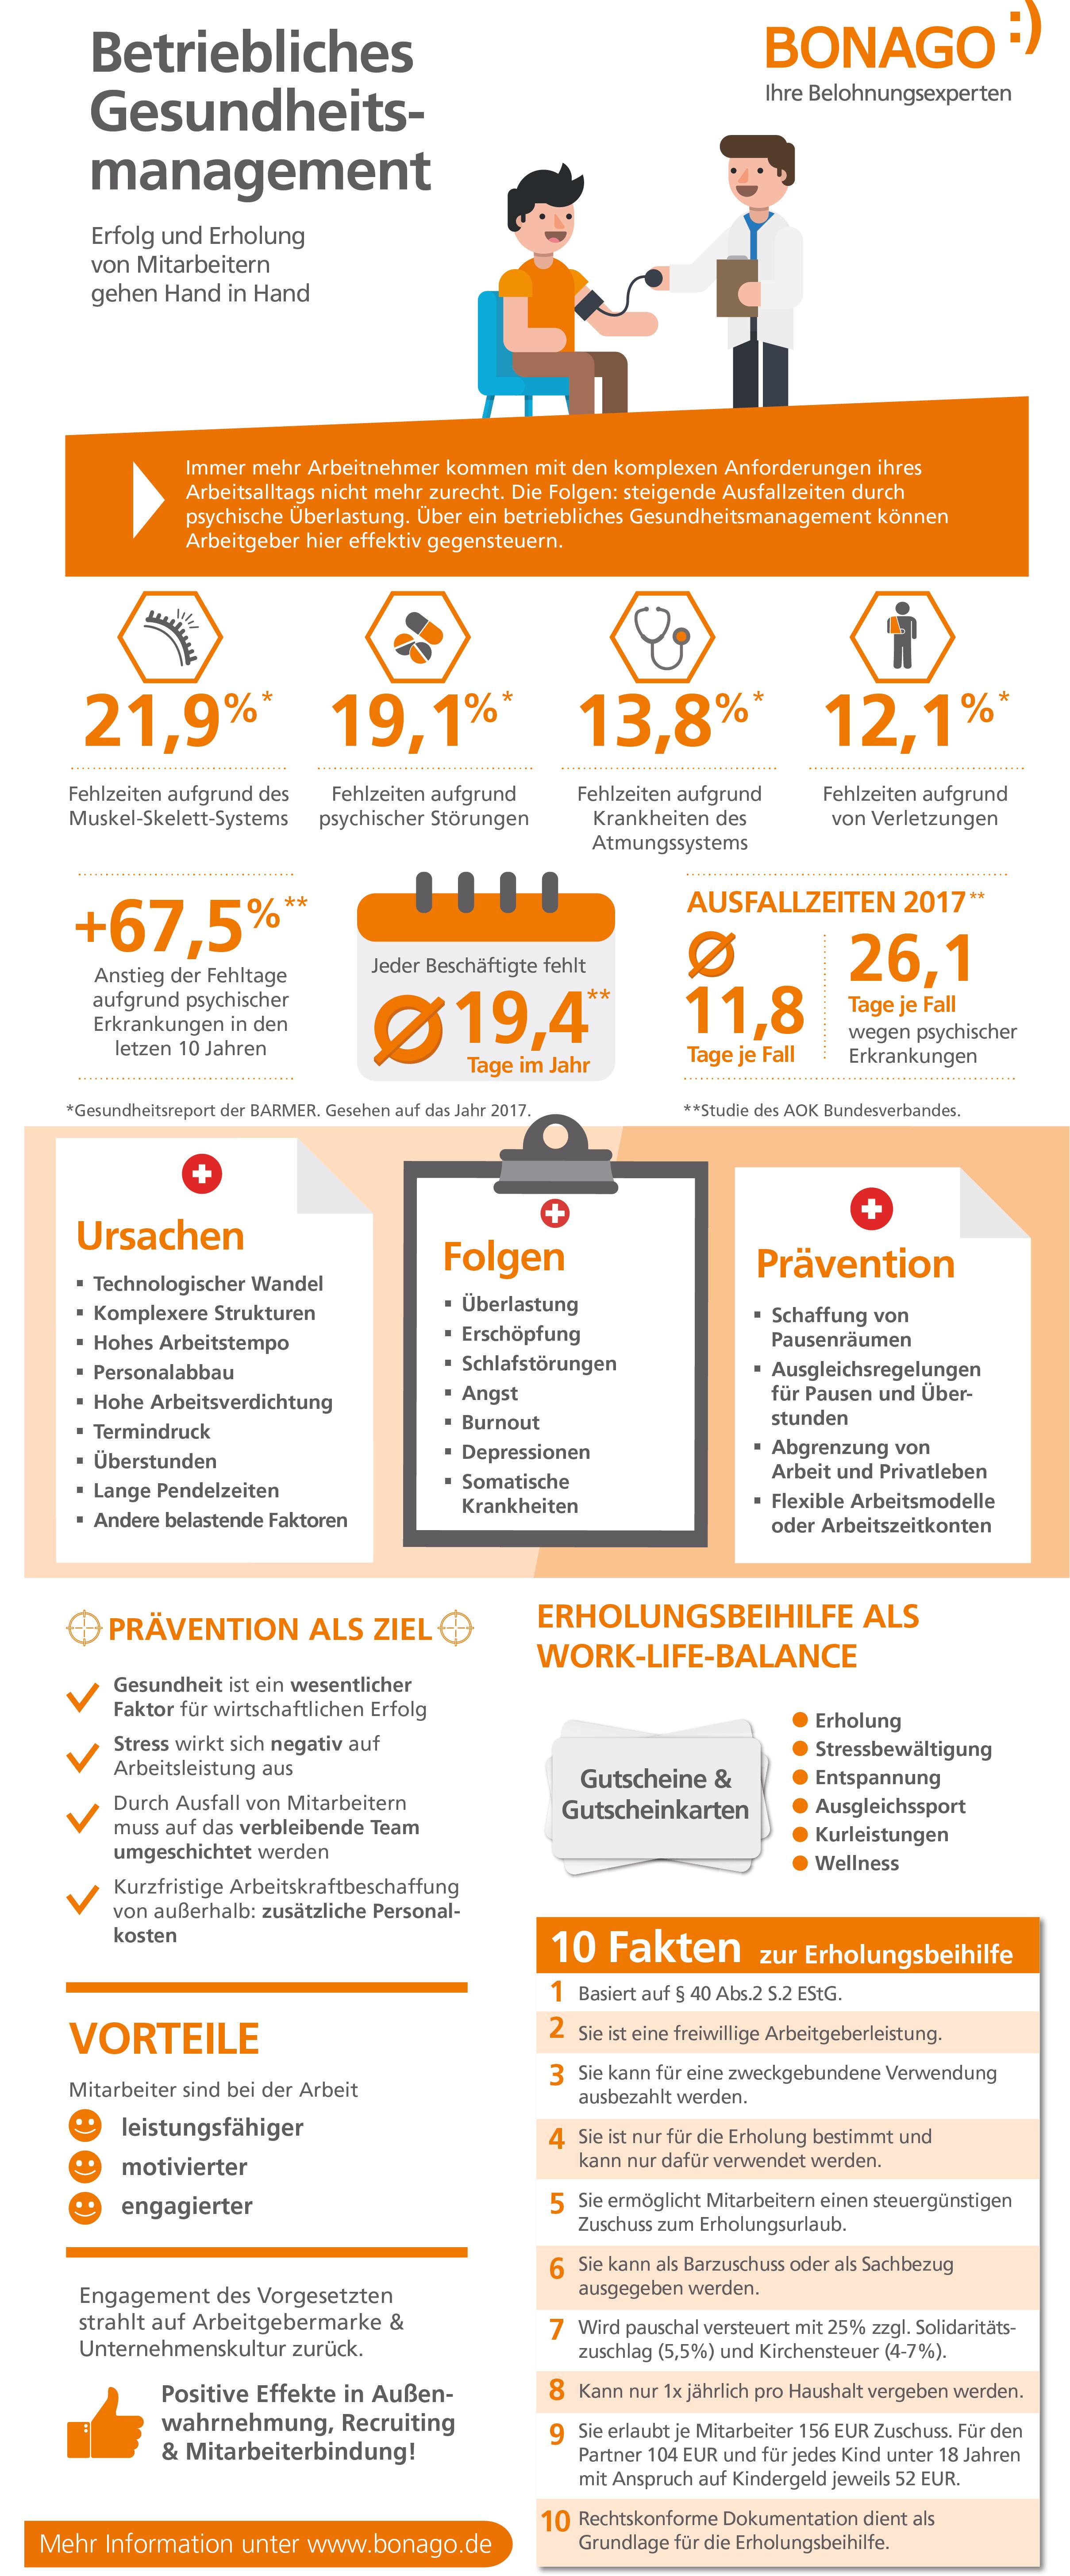 Infografik zum Betrieblichen Gesundheitsmanagement